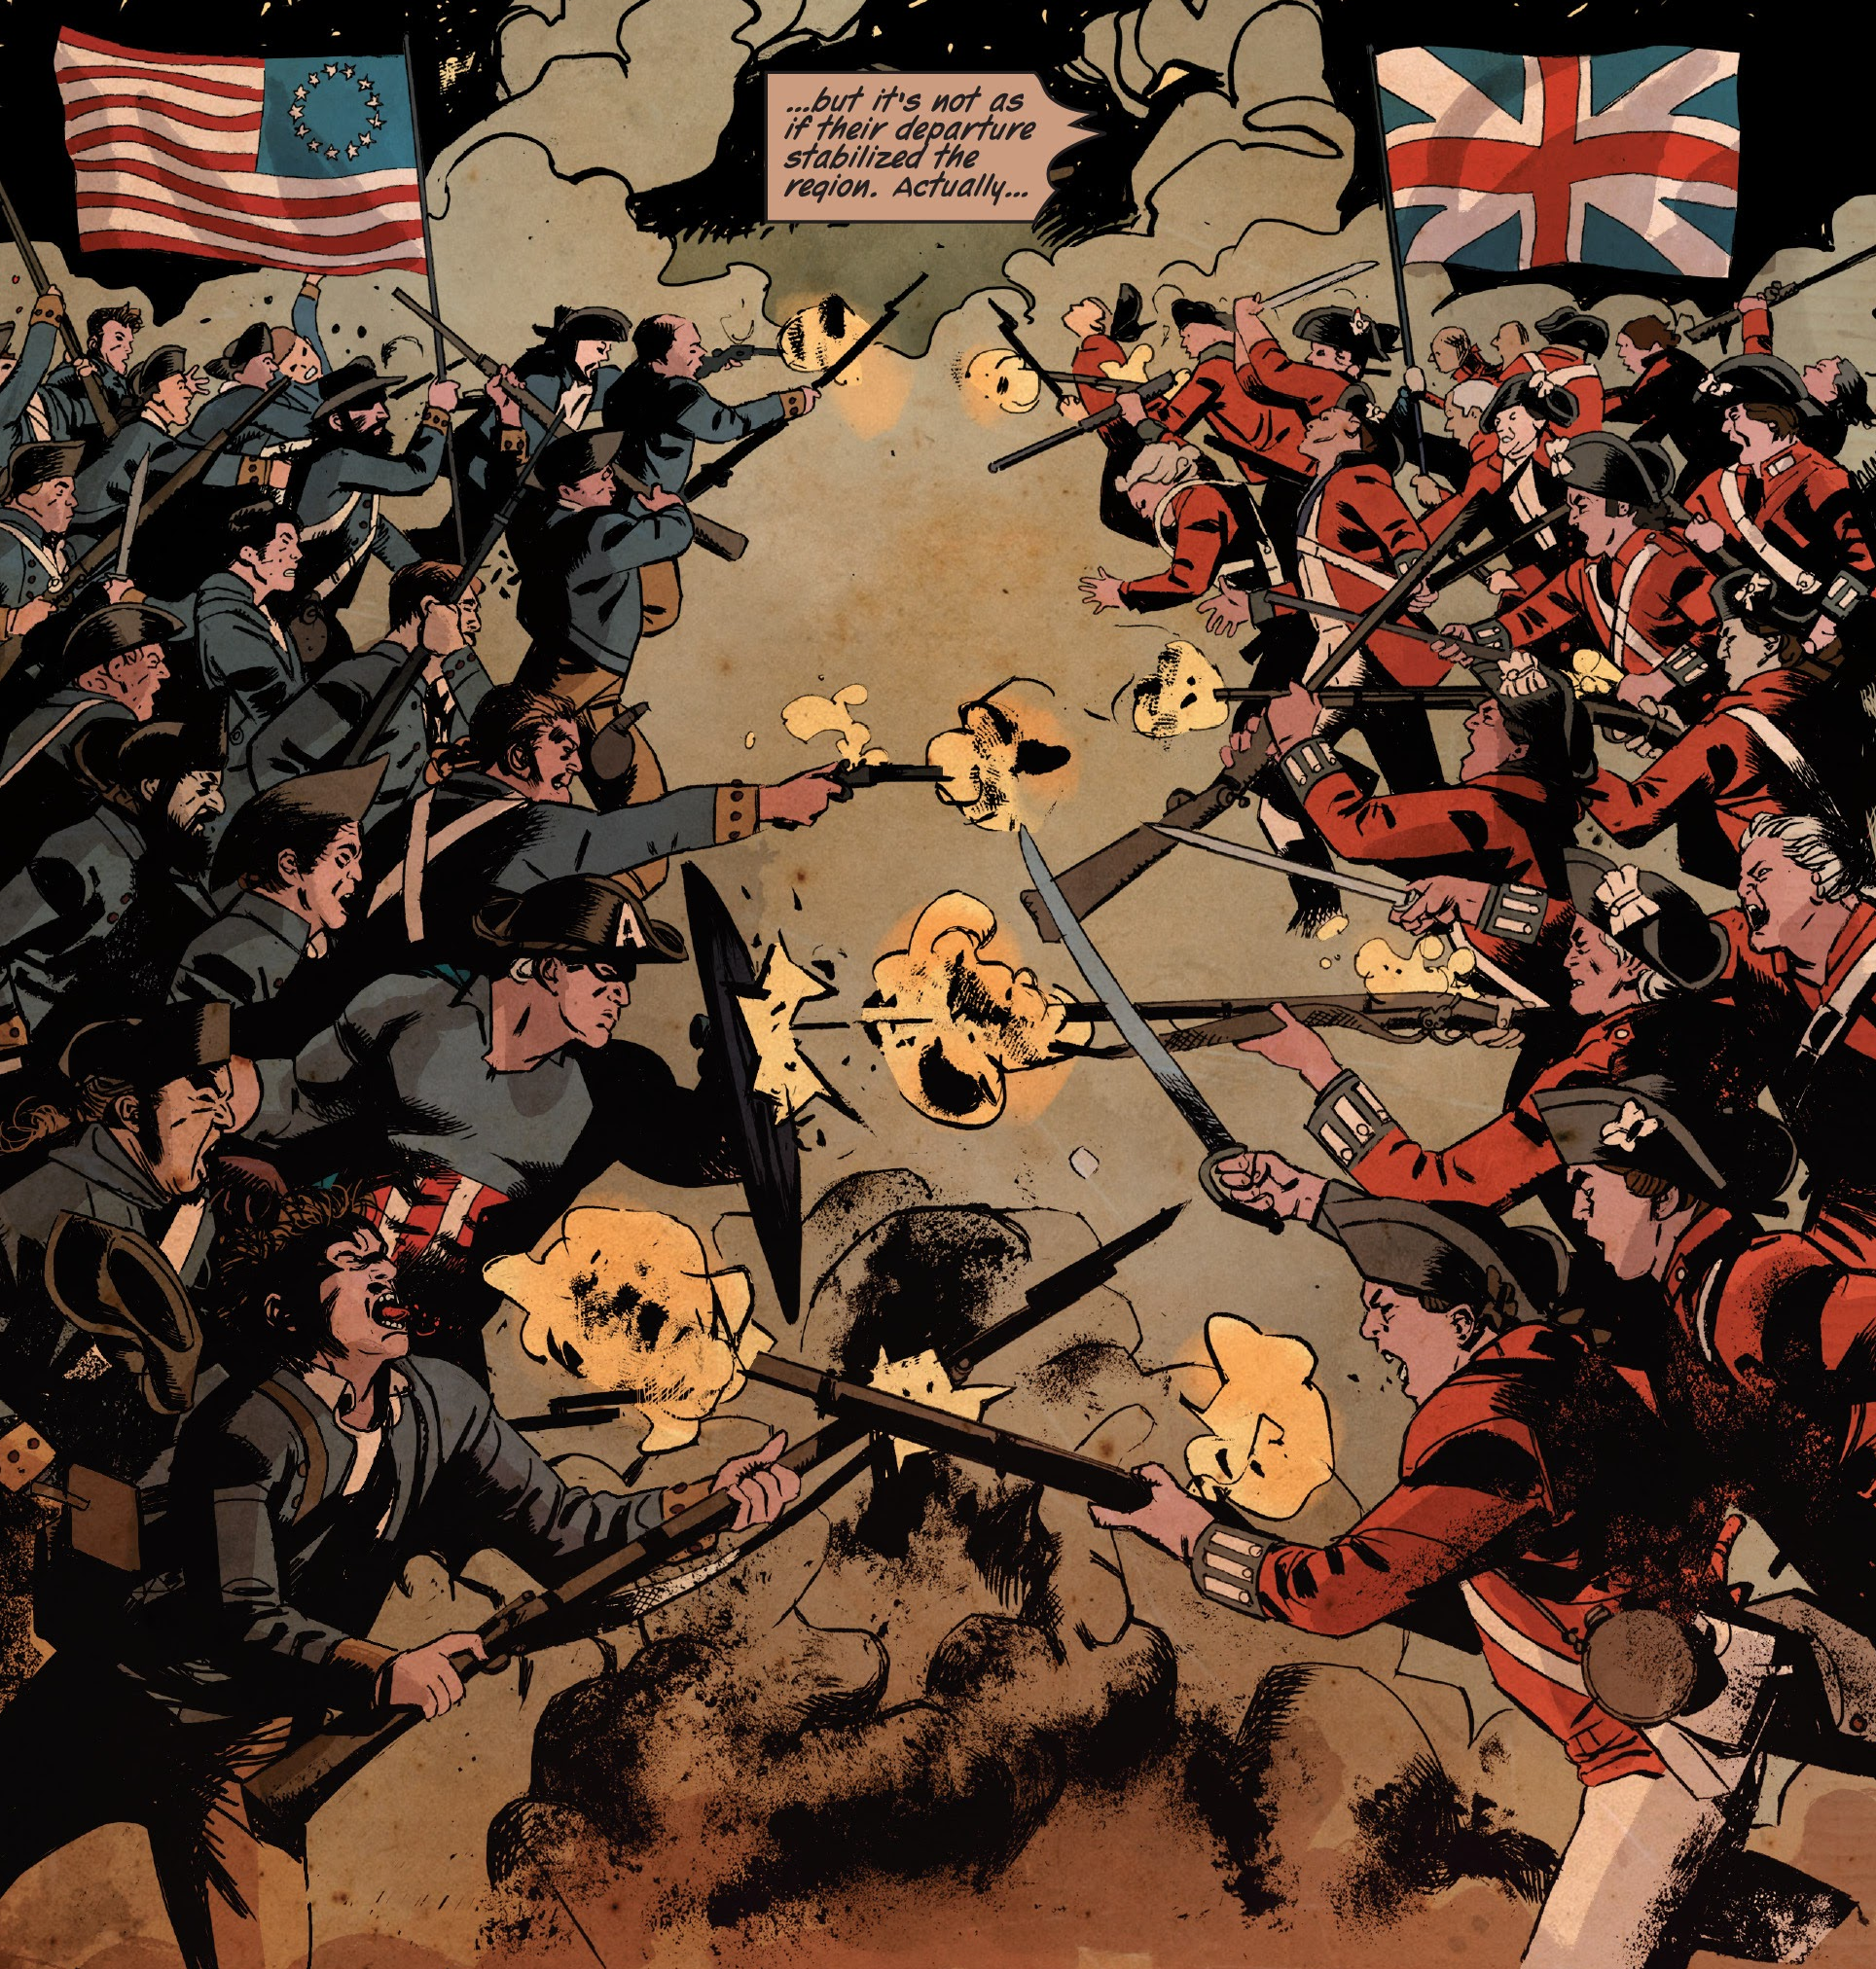 American Revolutionary War